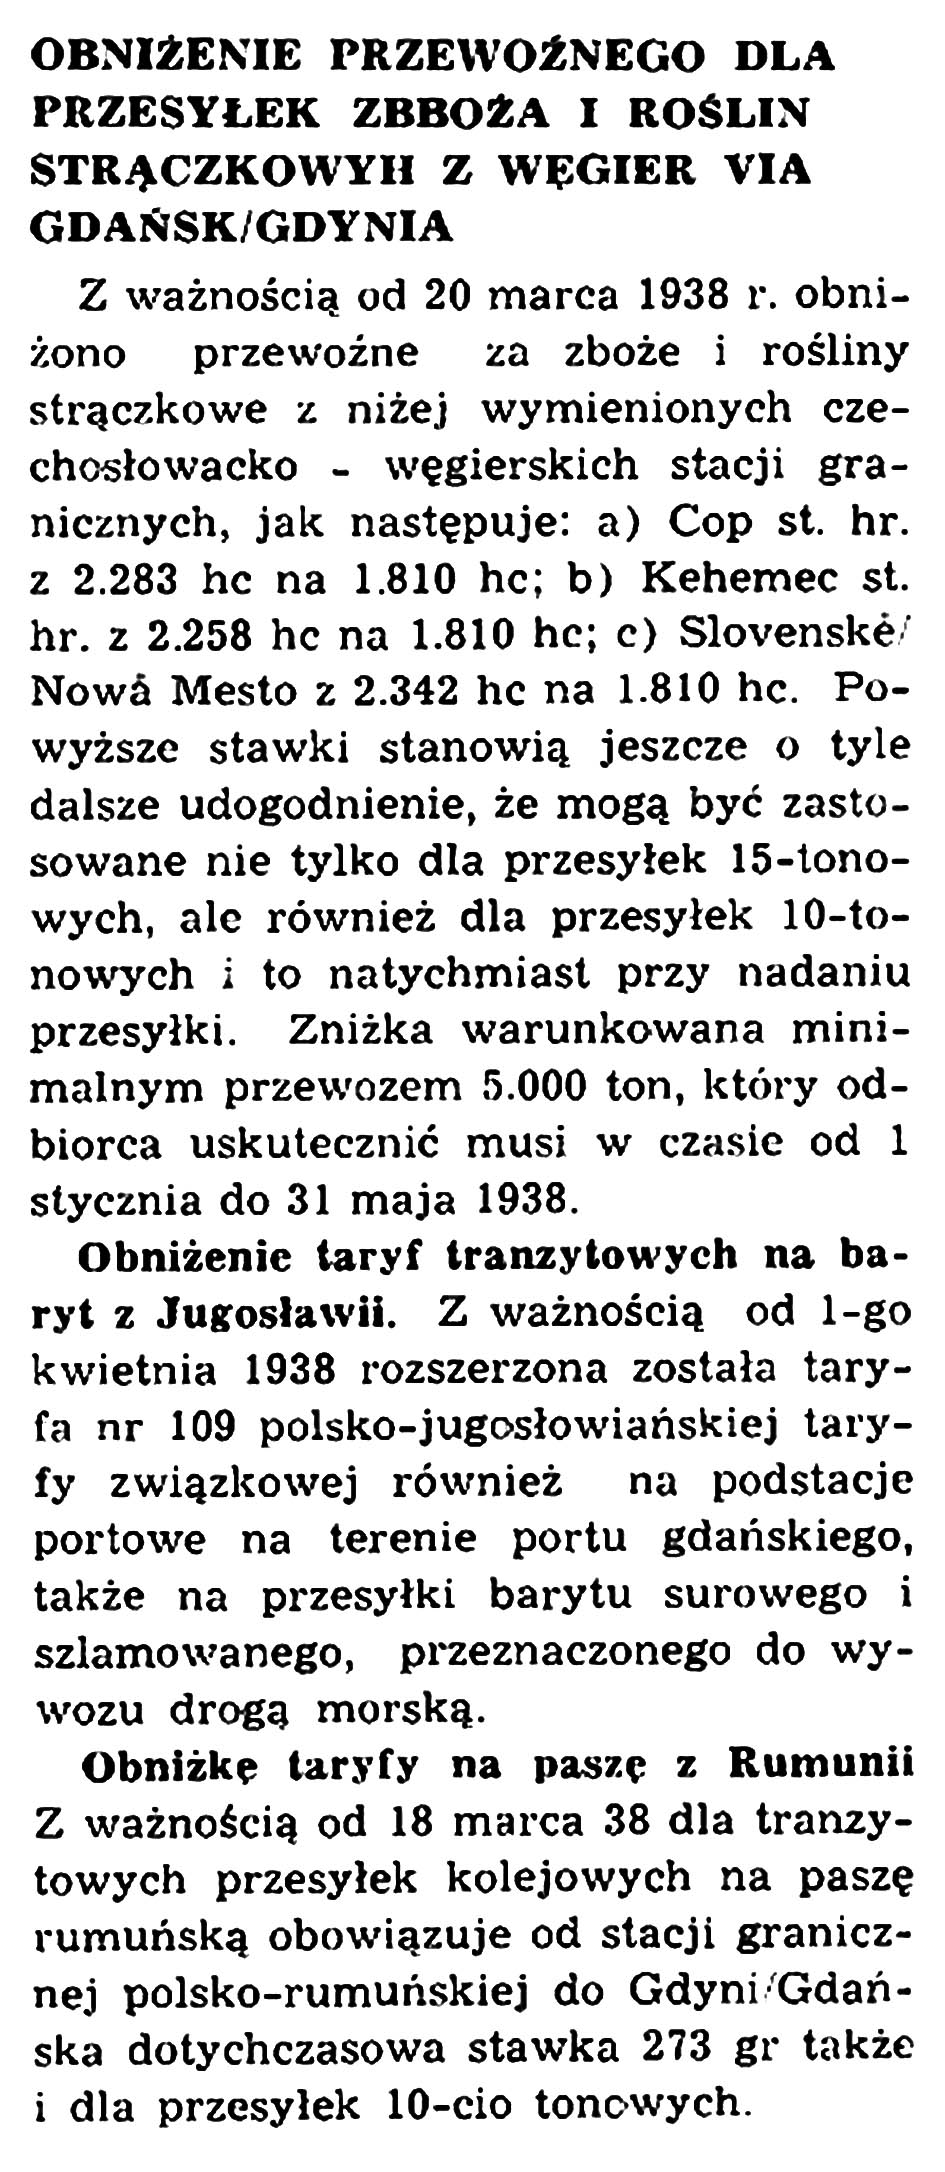 Obniżenie przewoźnego dla przesyłek zboża i roślin strączkowych z Węgier via Gdańsk/Gdynia